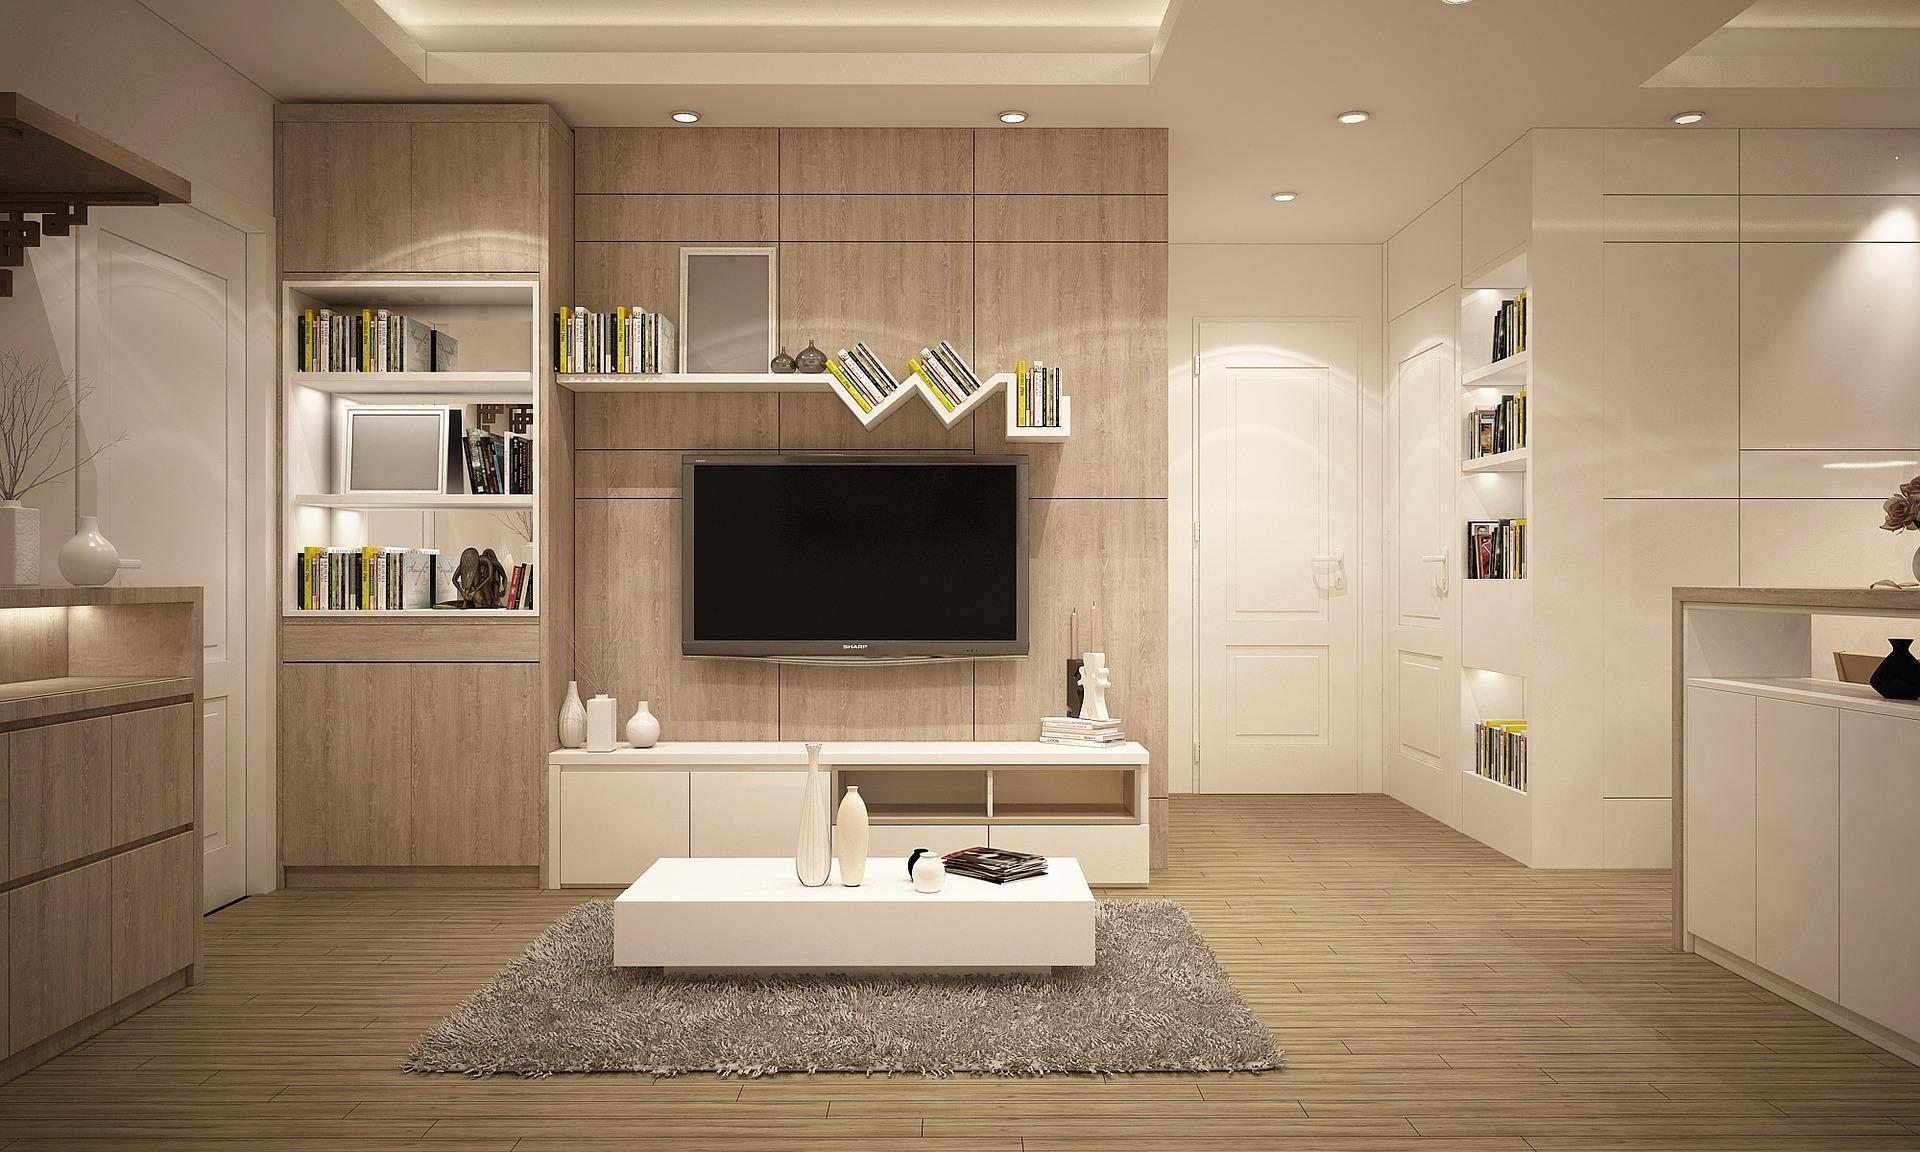 moderní návrh domu